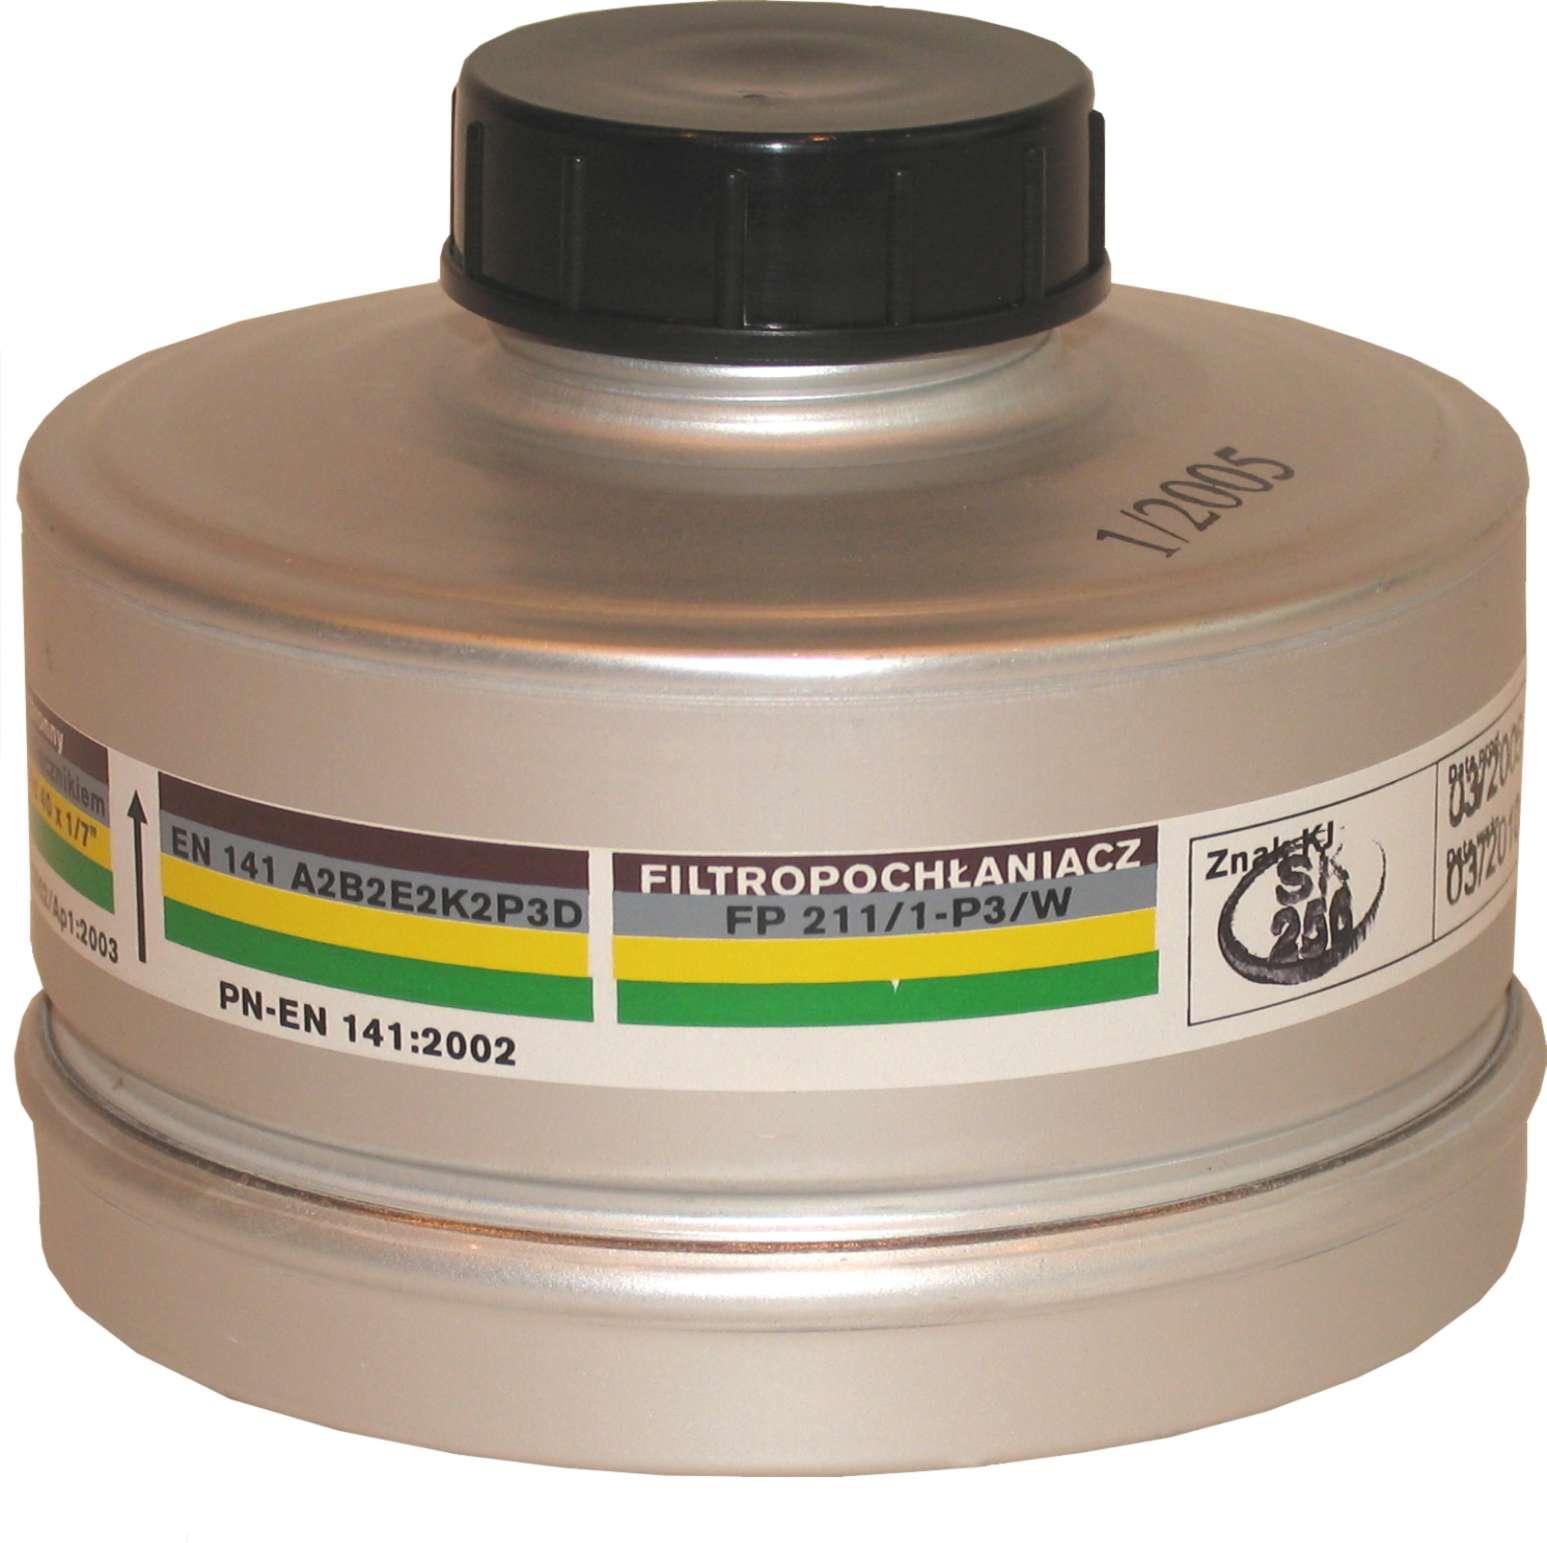 Filtropochłaniacz FP 211/1-P3/W